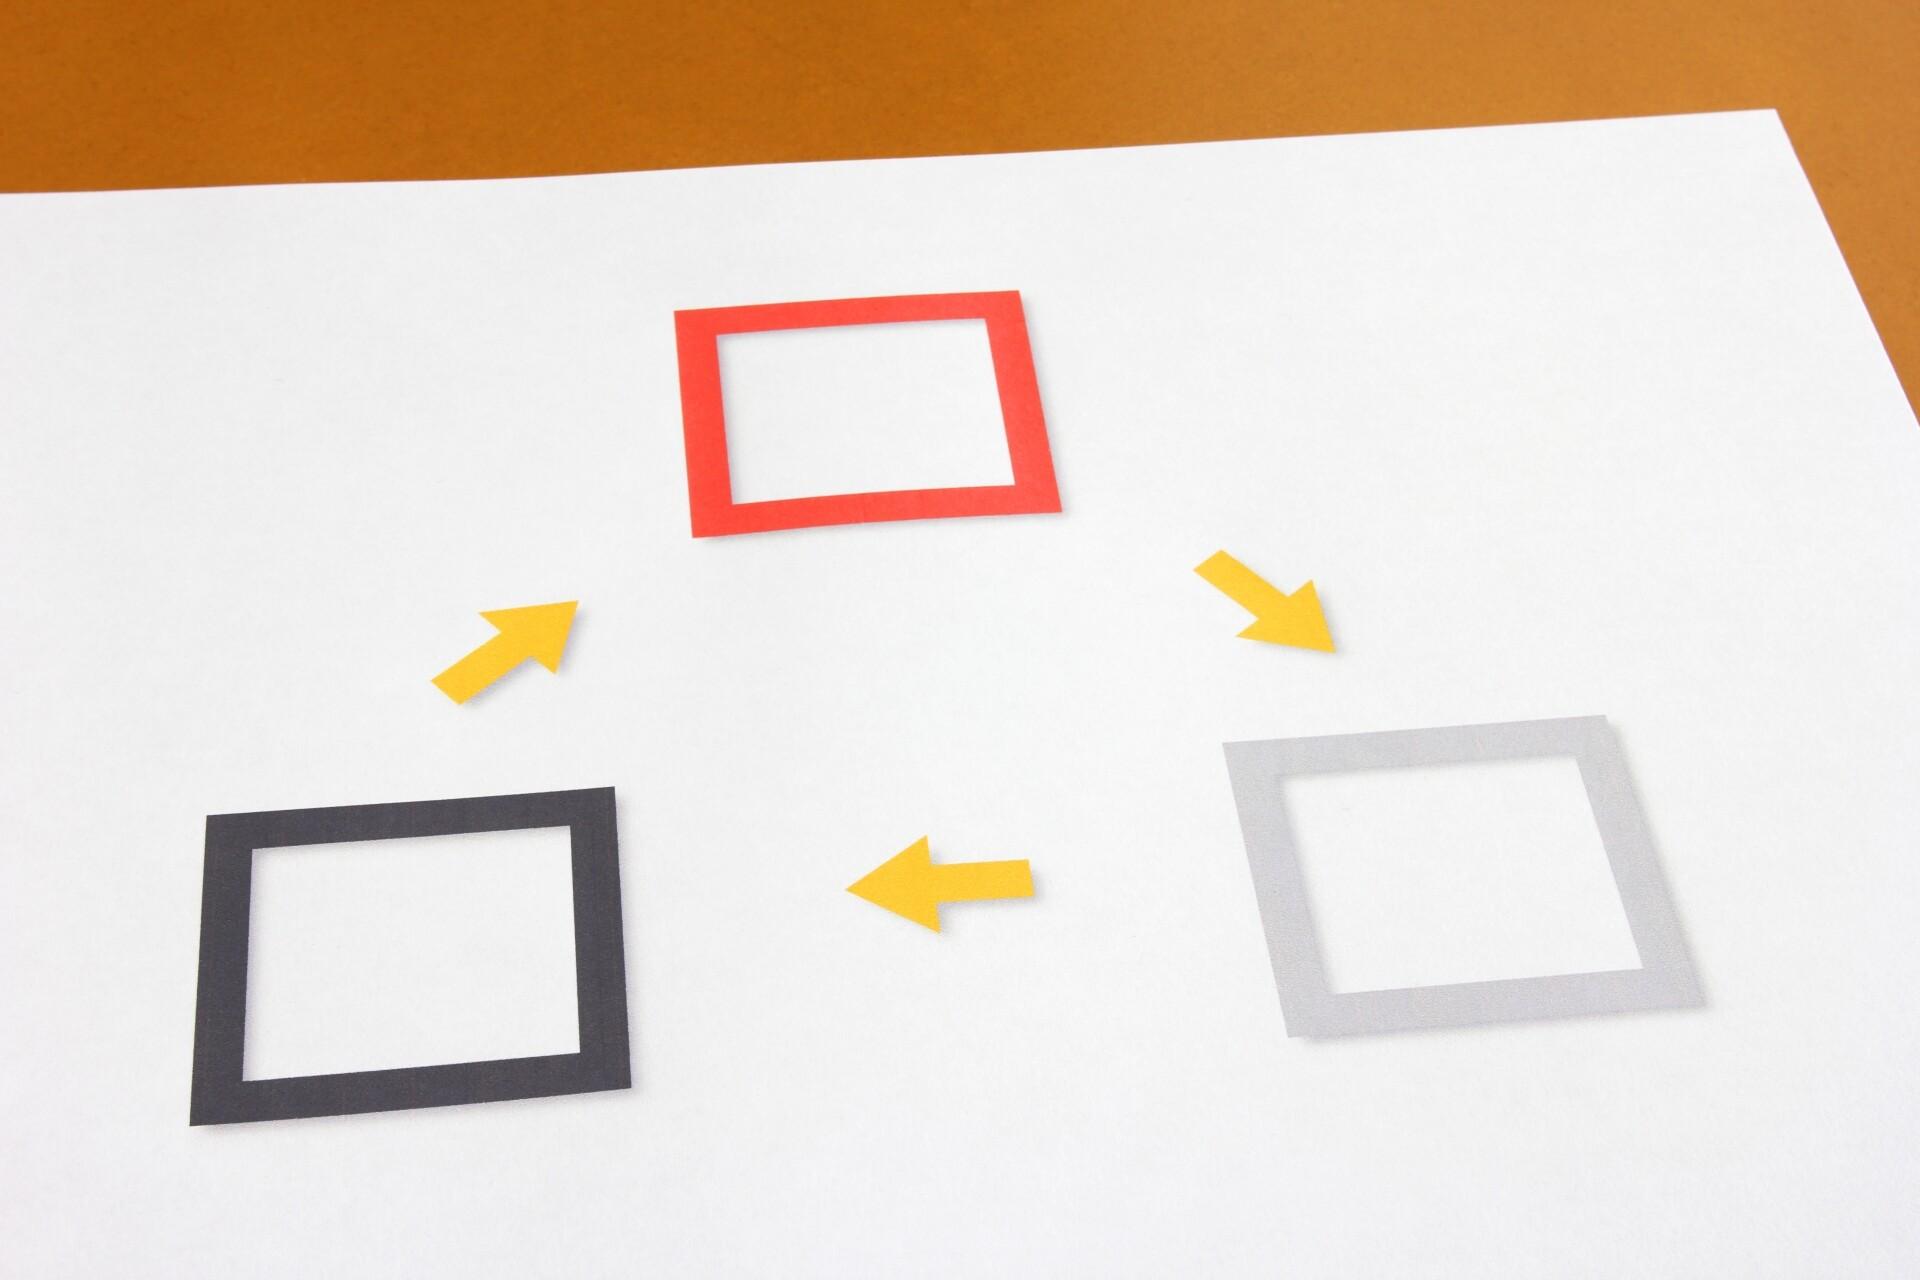 ポスティングは、同じポストへ2度、3度と、継続することが重要なポイント